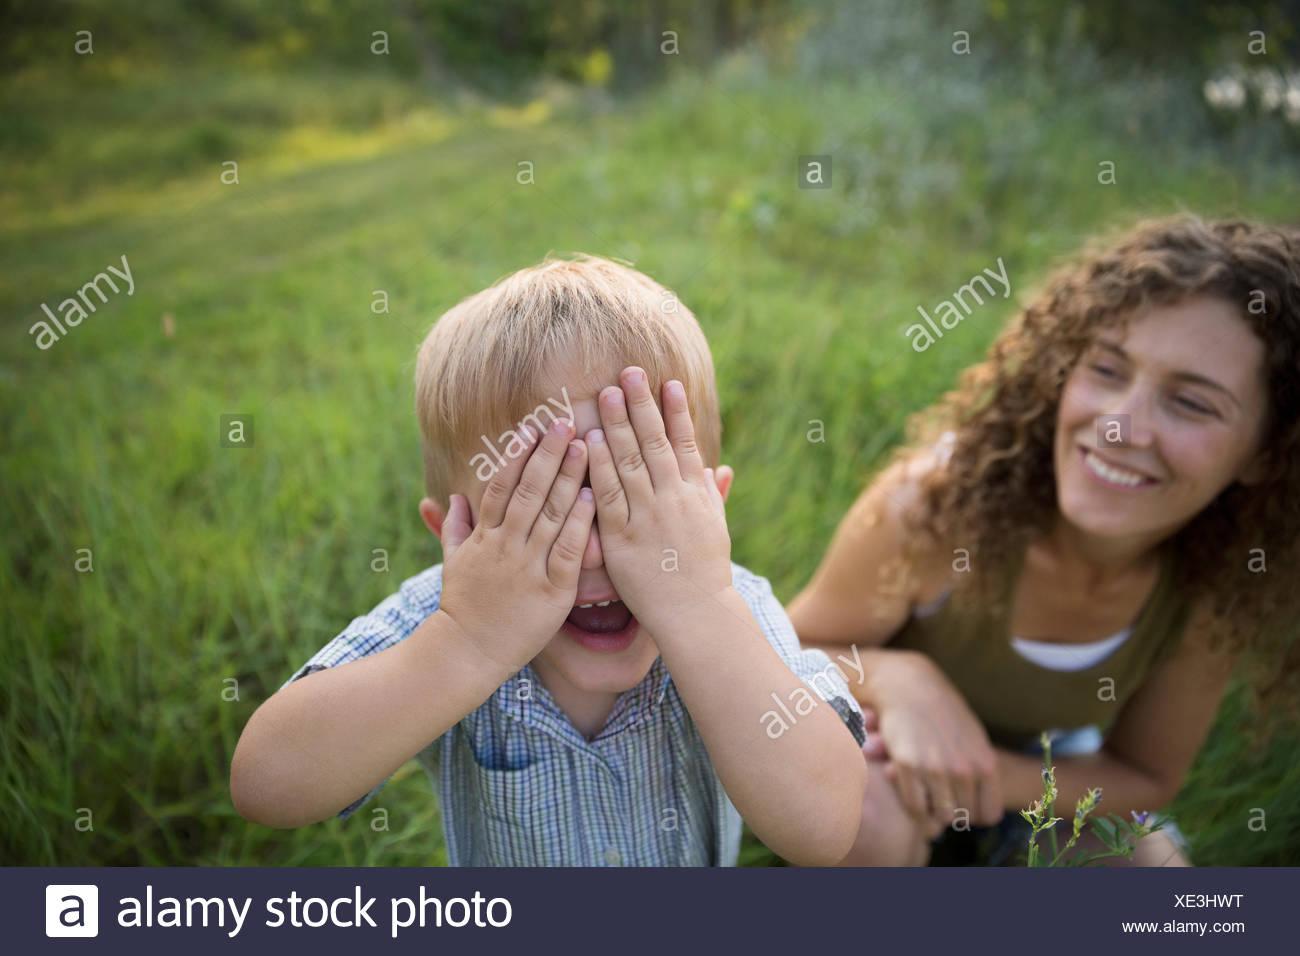 Retrato madre viendo hijo jugando peek-a-boo Imagen De Stock